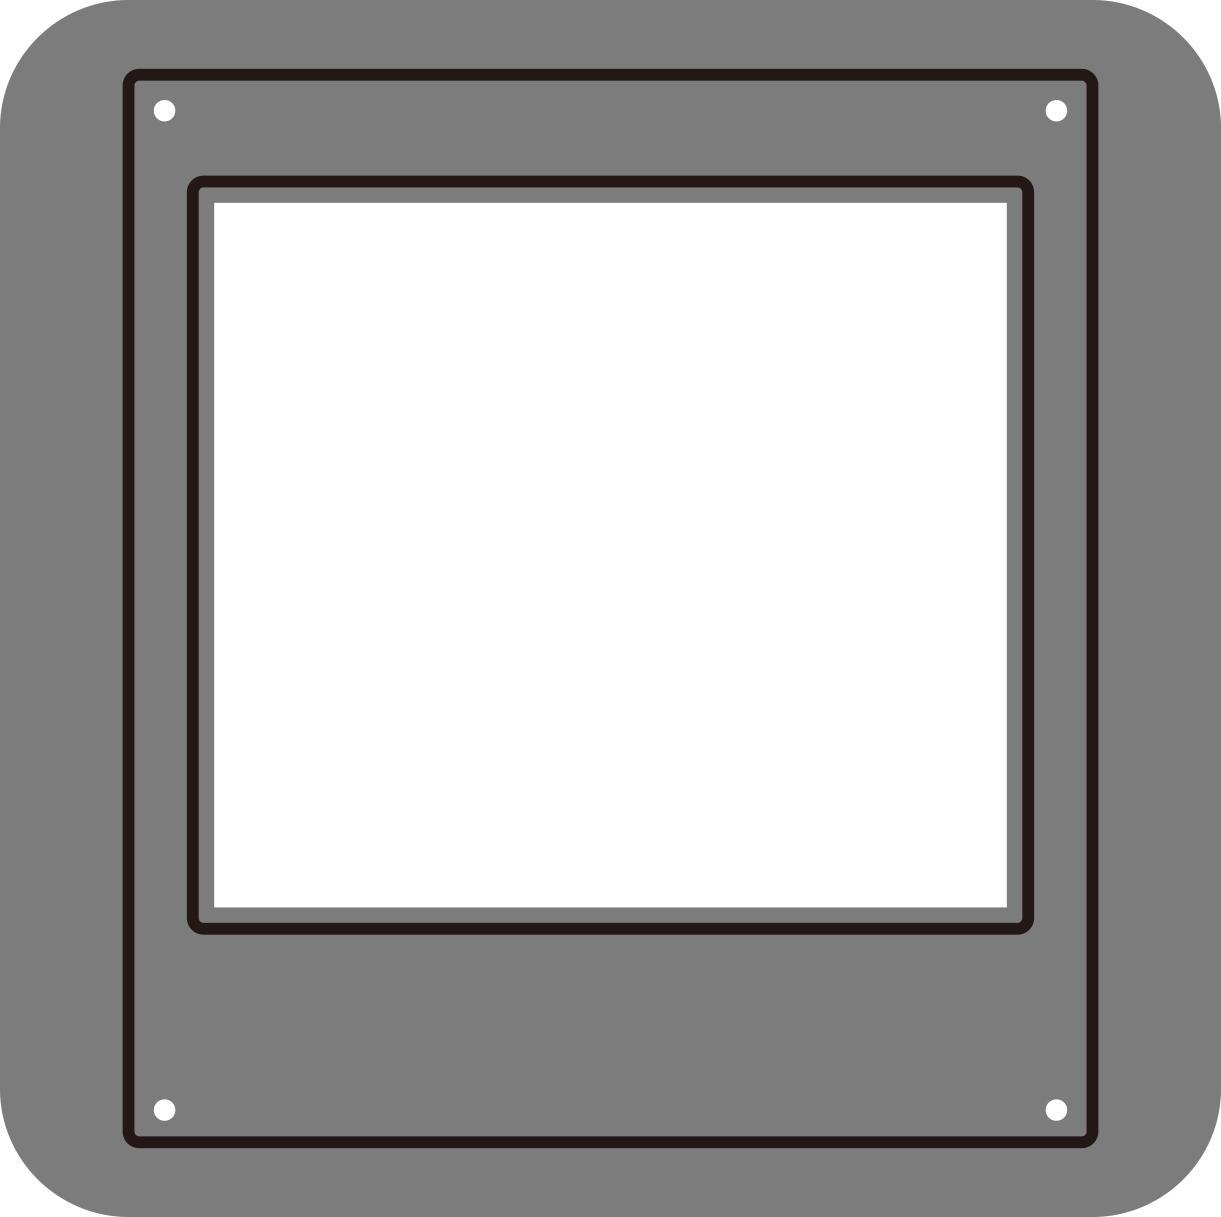 【N57-121】/ワンダーハウス/ダイ(抜型)/ チェキ 写真 ポラロイド フレーム